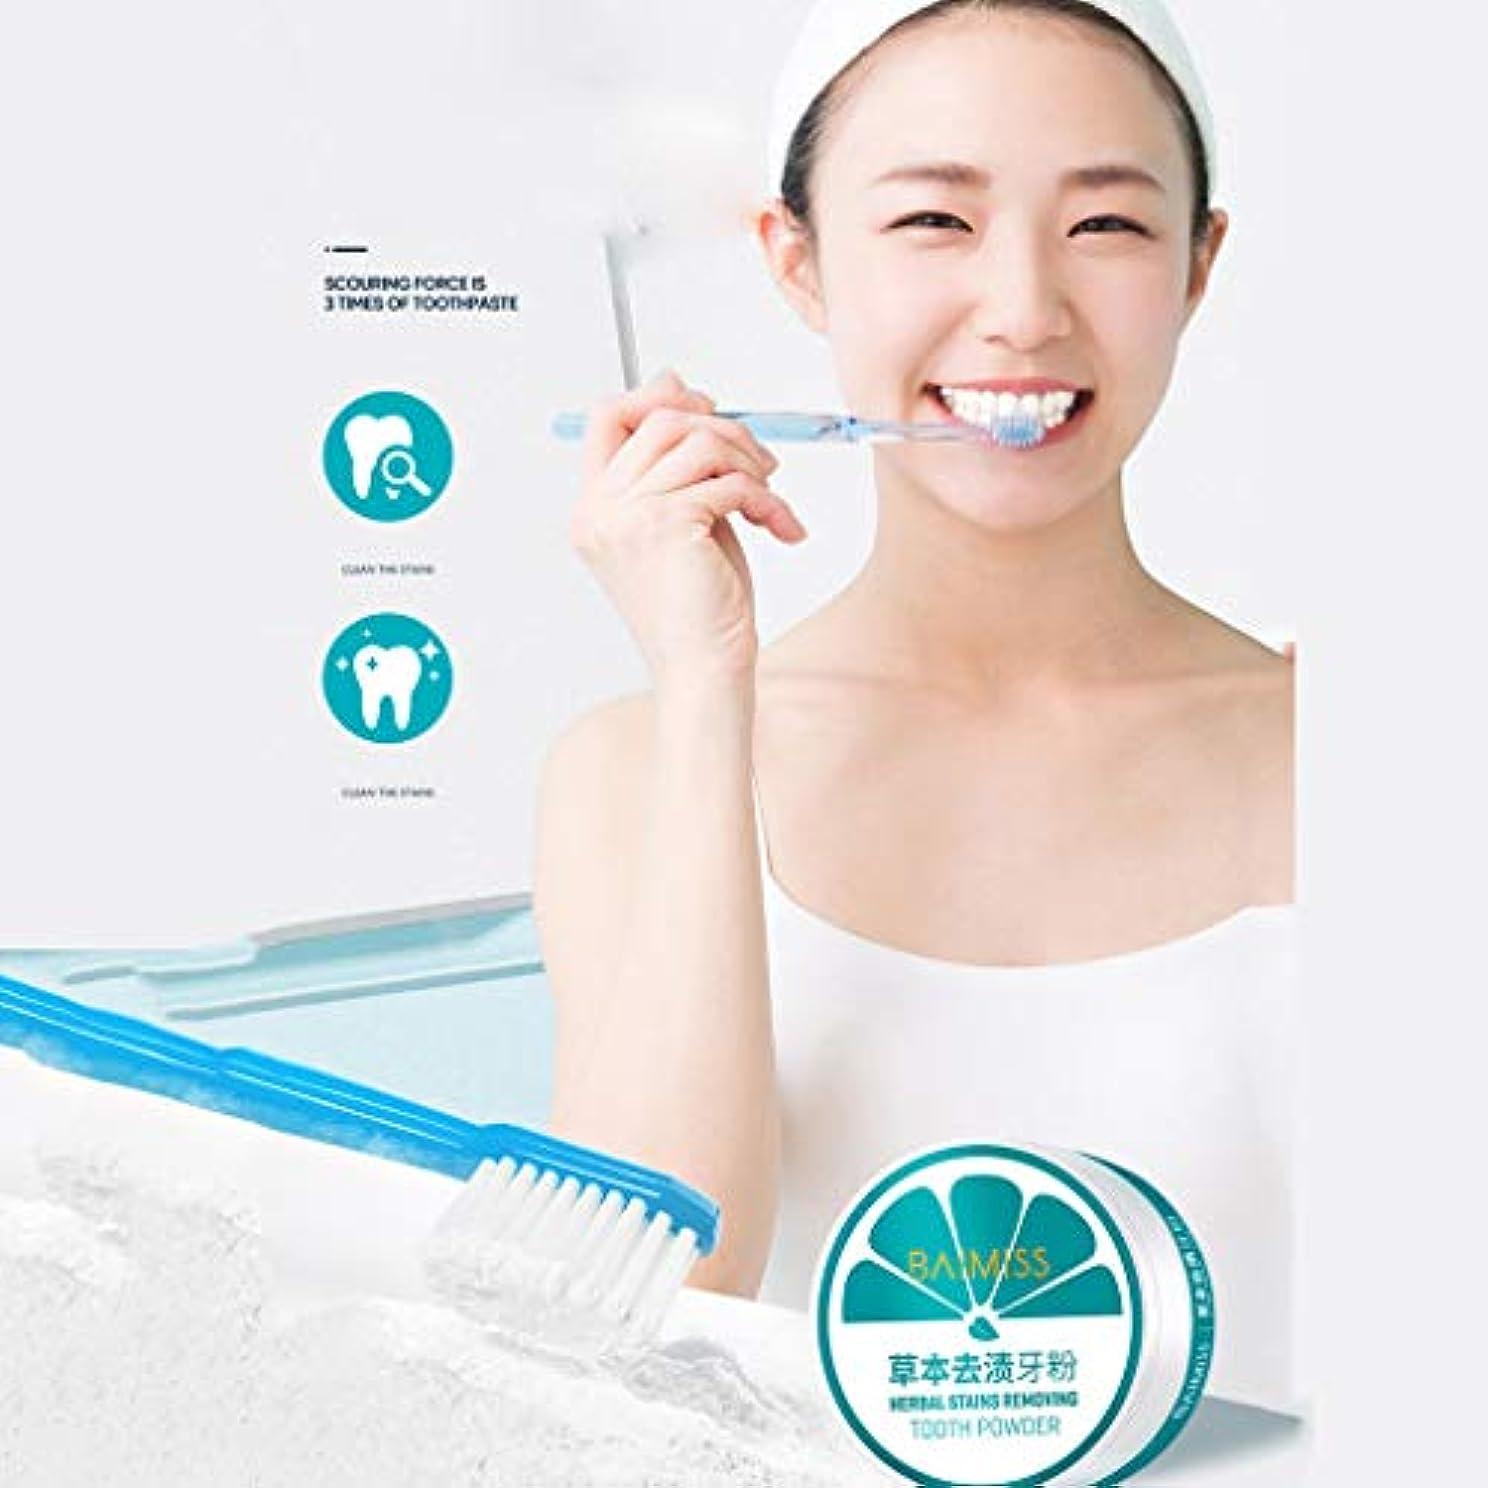 コンパイル胚オーディションDream ブラックニングパウダー 歯みがき 歯磨き粉 美白 むし歯予防 口臭防止 歯周病予防 天然ハーブエキス (ホワイト)